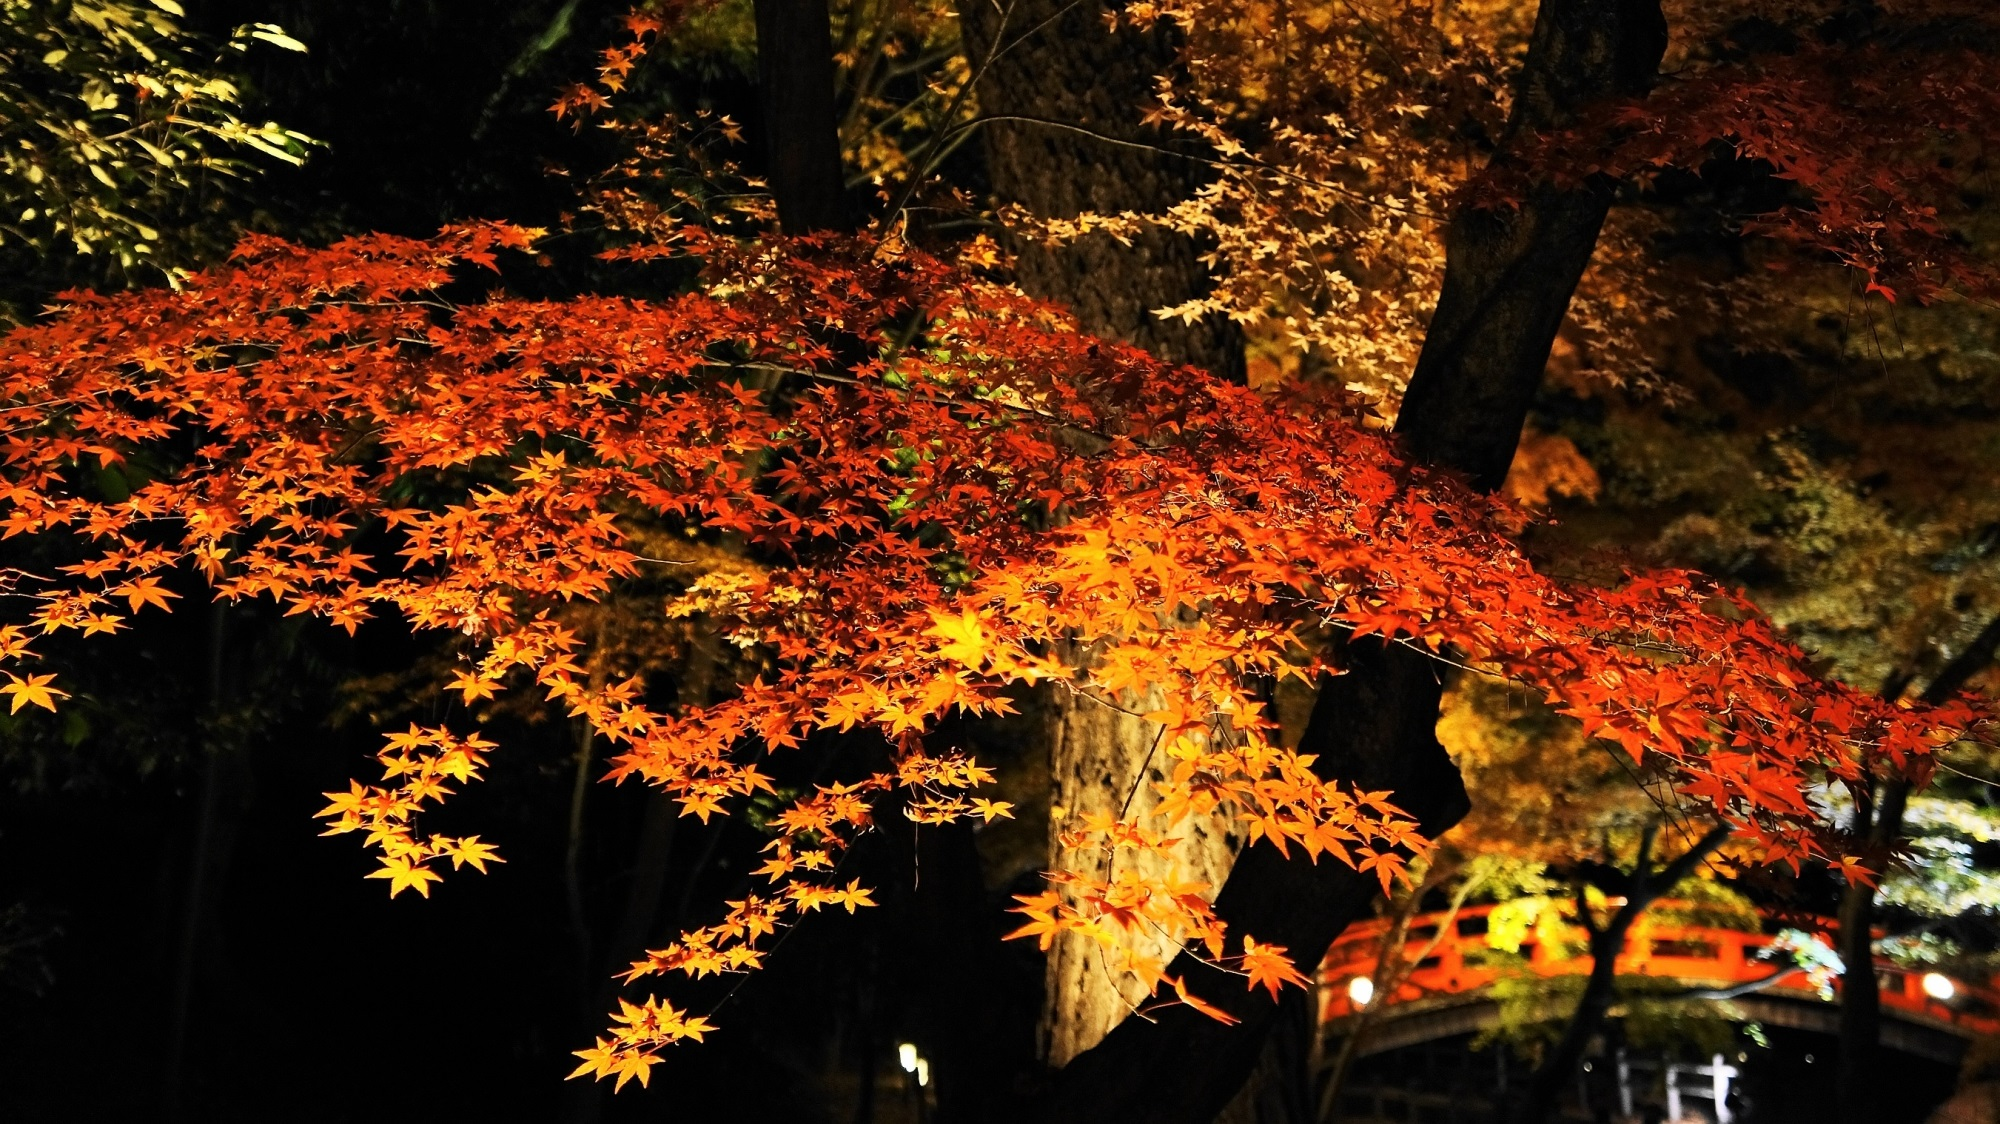 北野天満宮 紅葉 ライトアップ 京都の優美な秋の夜